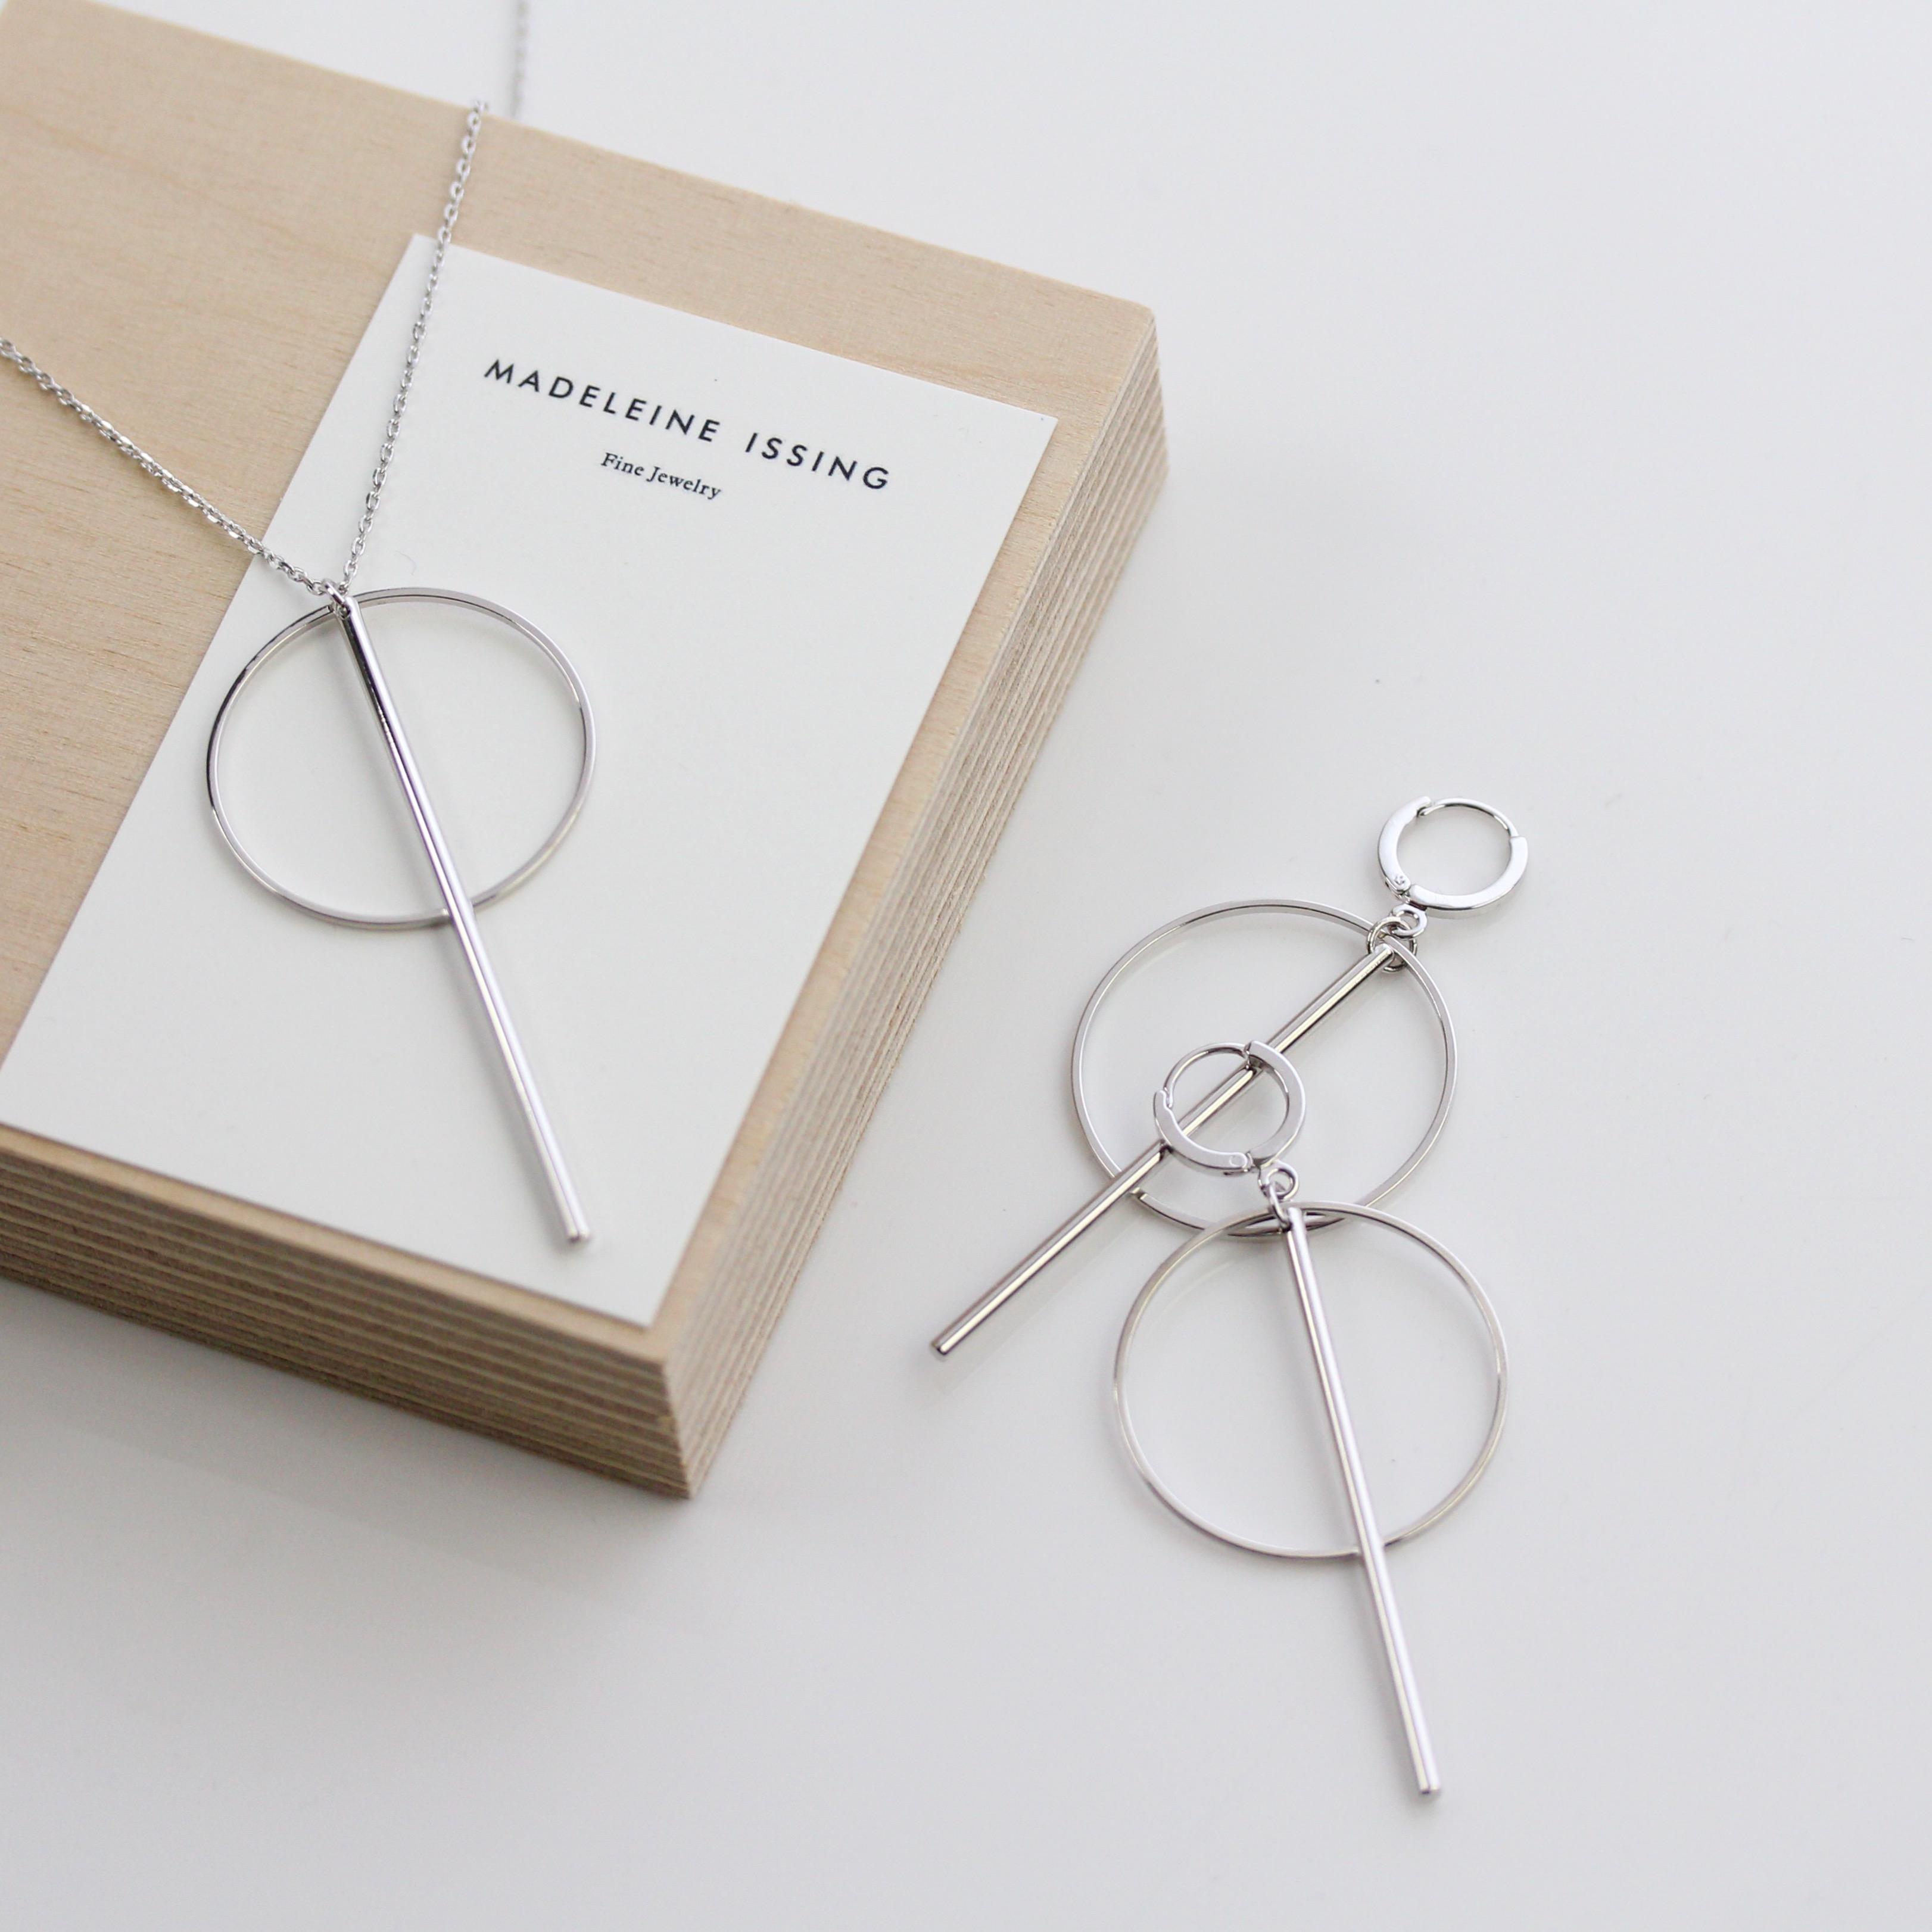 statement kette silber minimalistisch madeleine issing. Black Bedroom Furniture Sets. Home Design Ideas